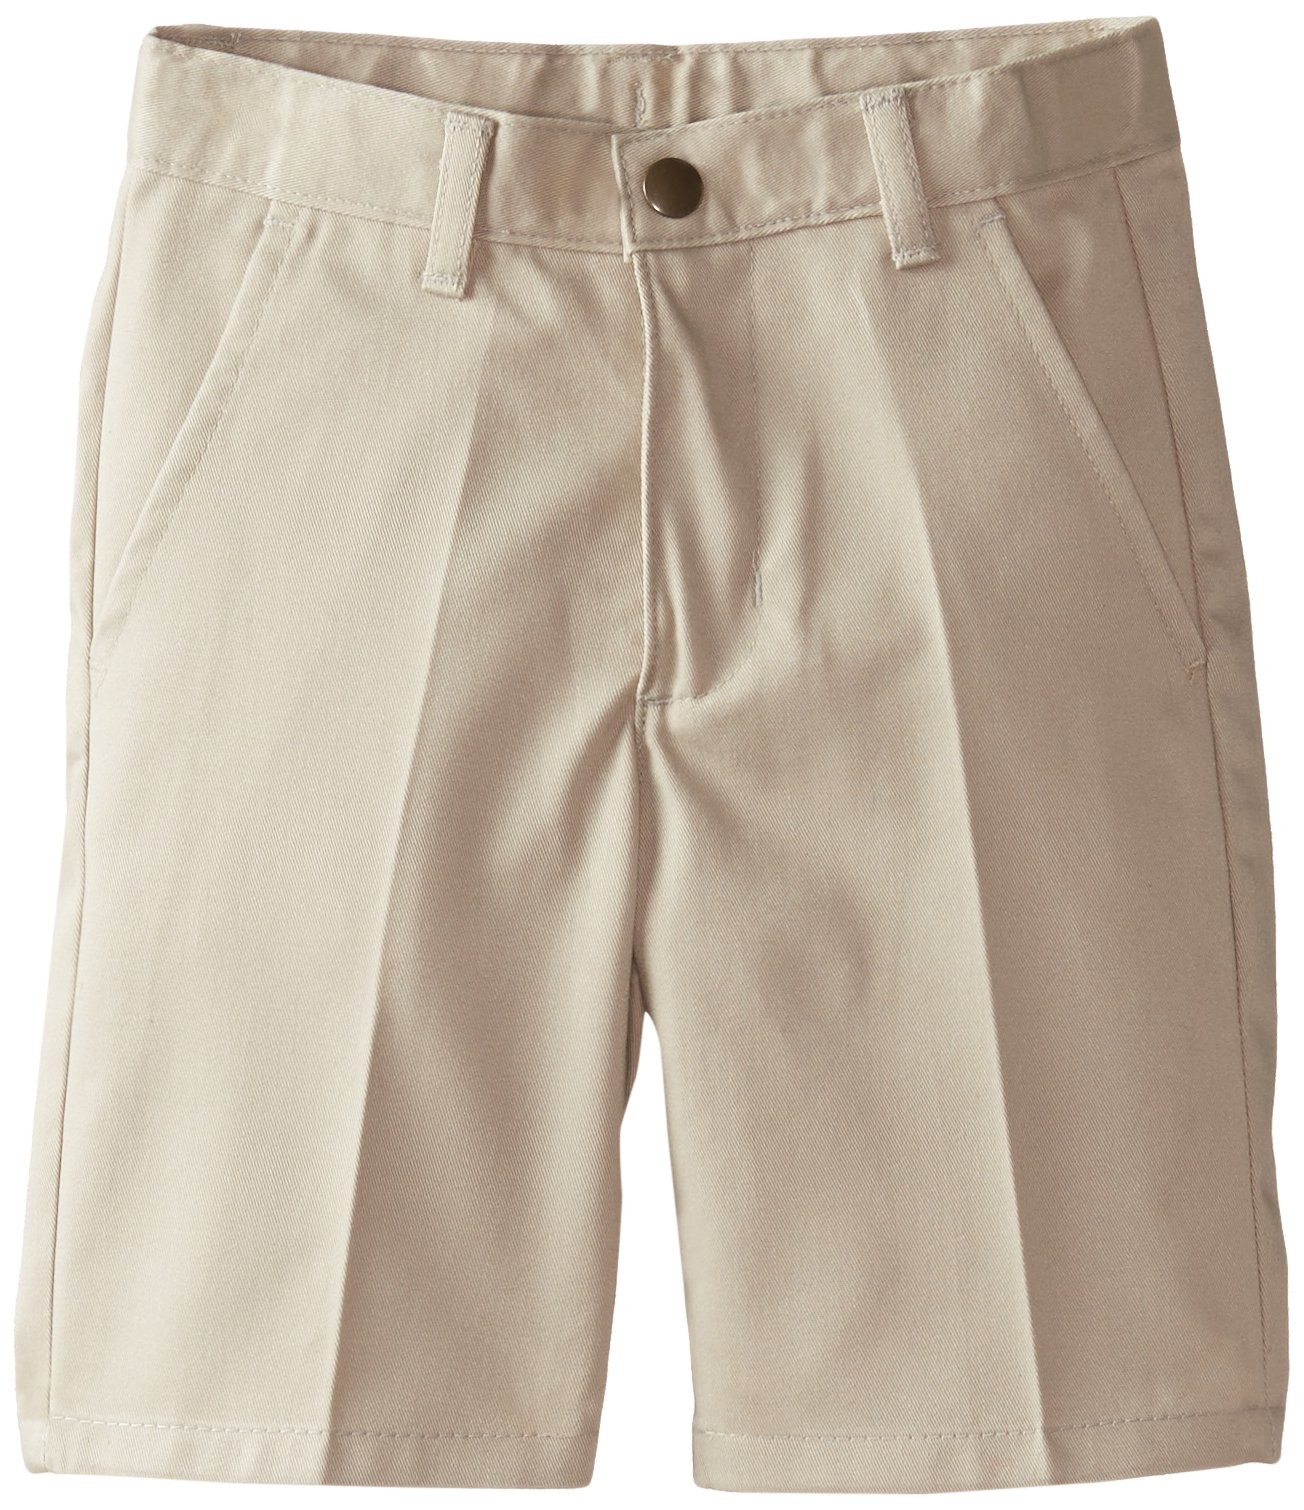 IZOD Little Boys' Flat Front Short Slim, Khaki, 5 Slim